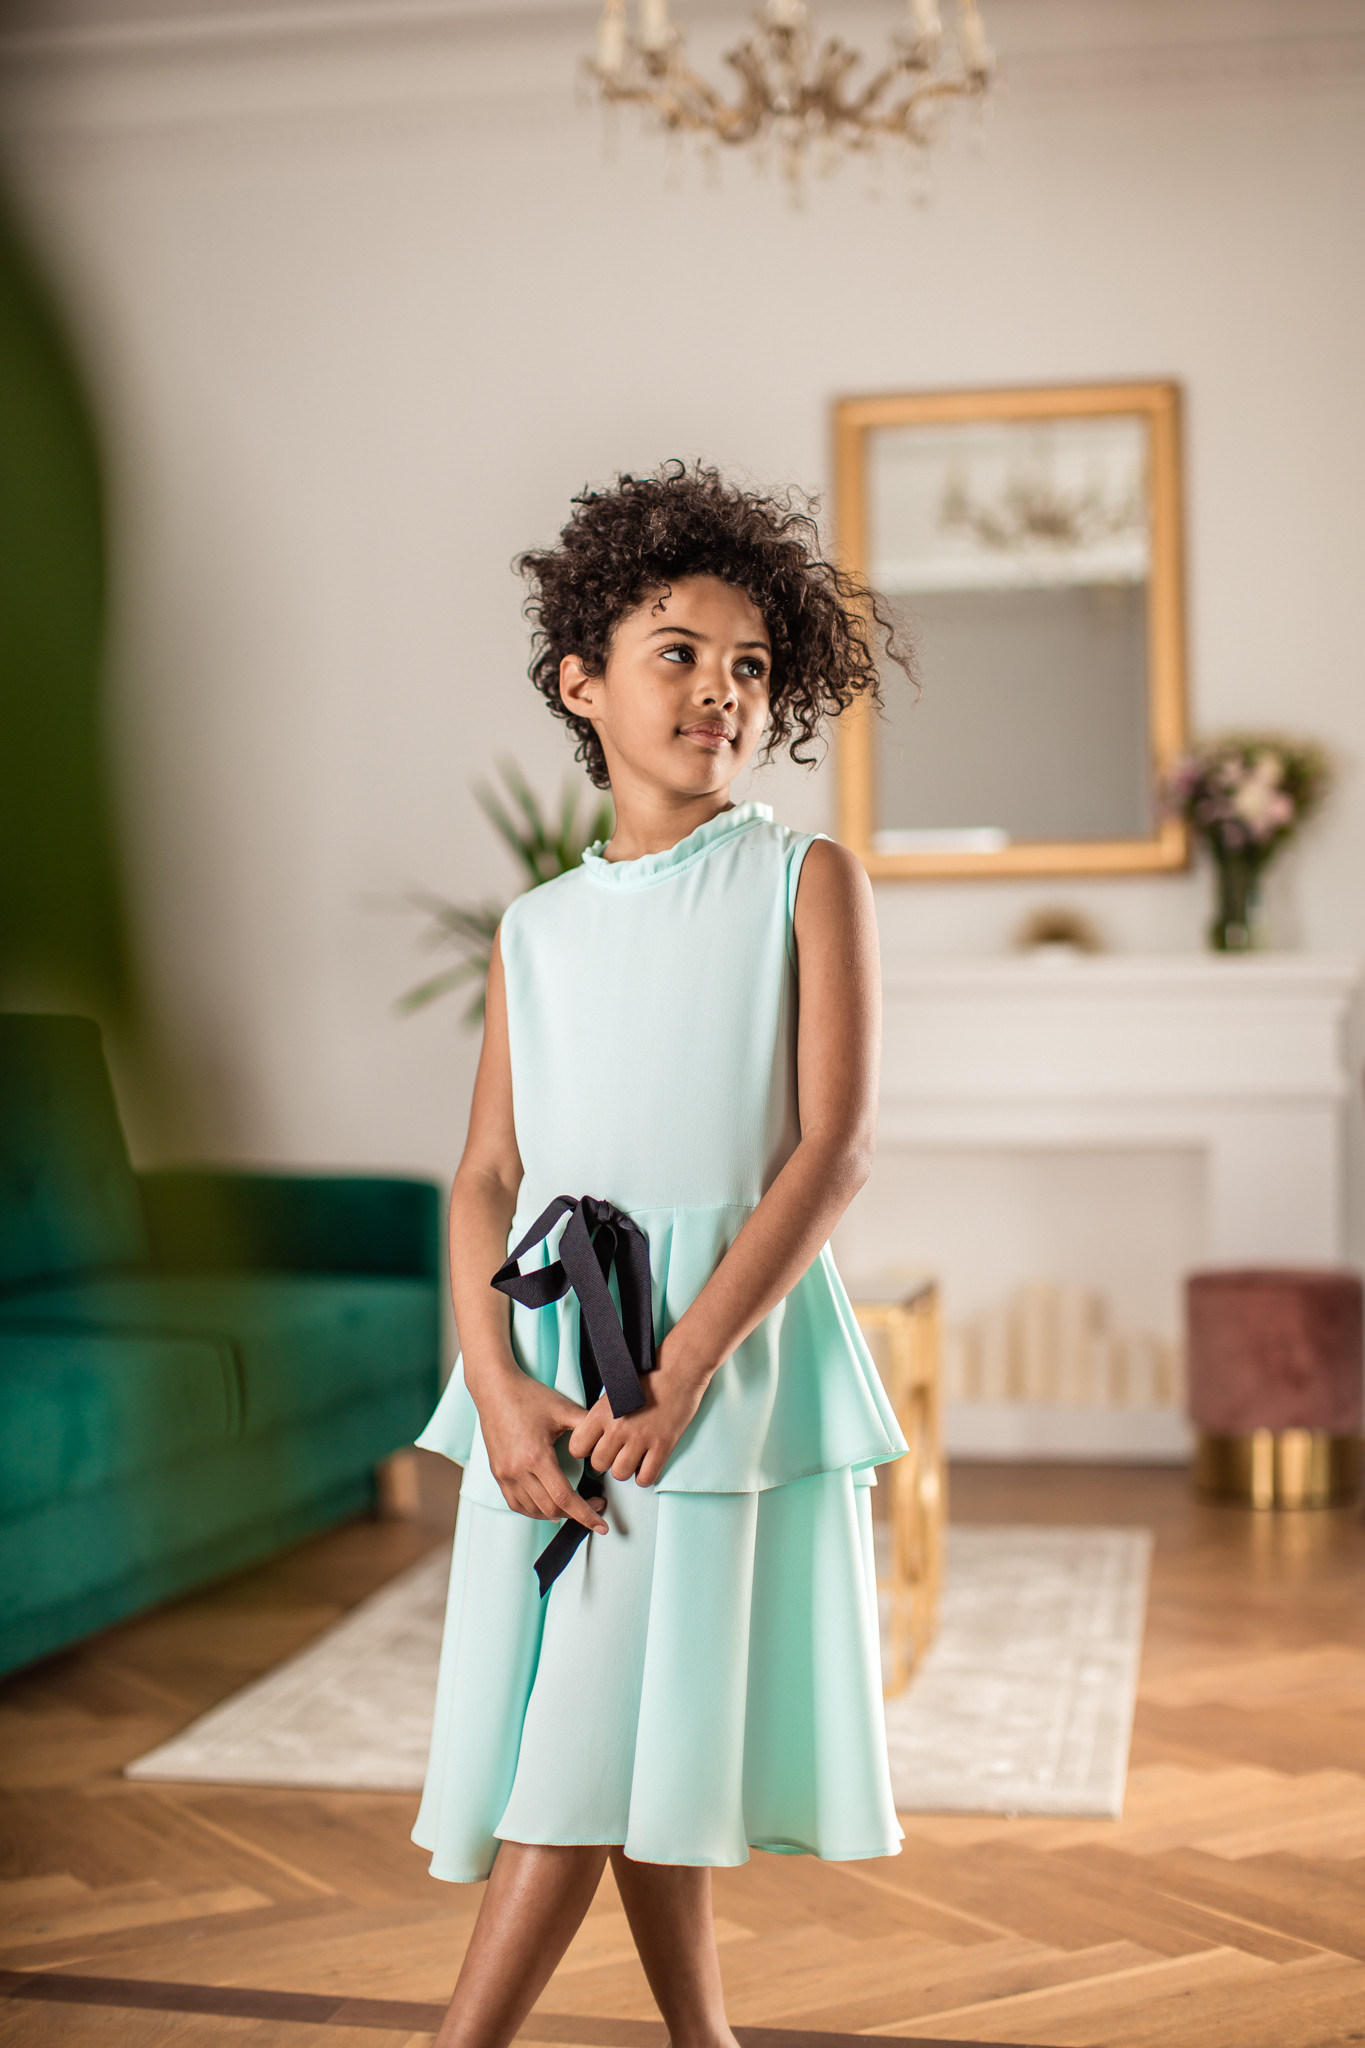 Sukienka miętowa z czarną kokardką - Domino.little.dress